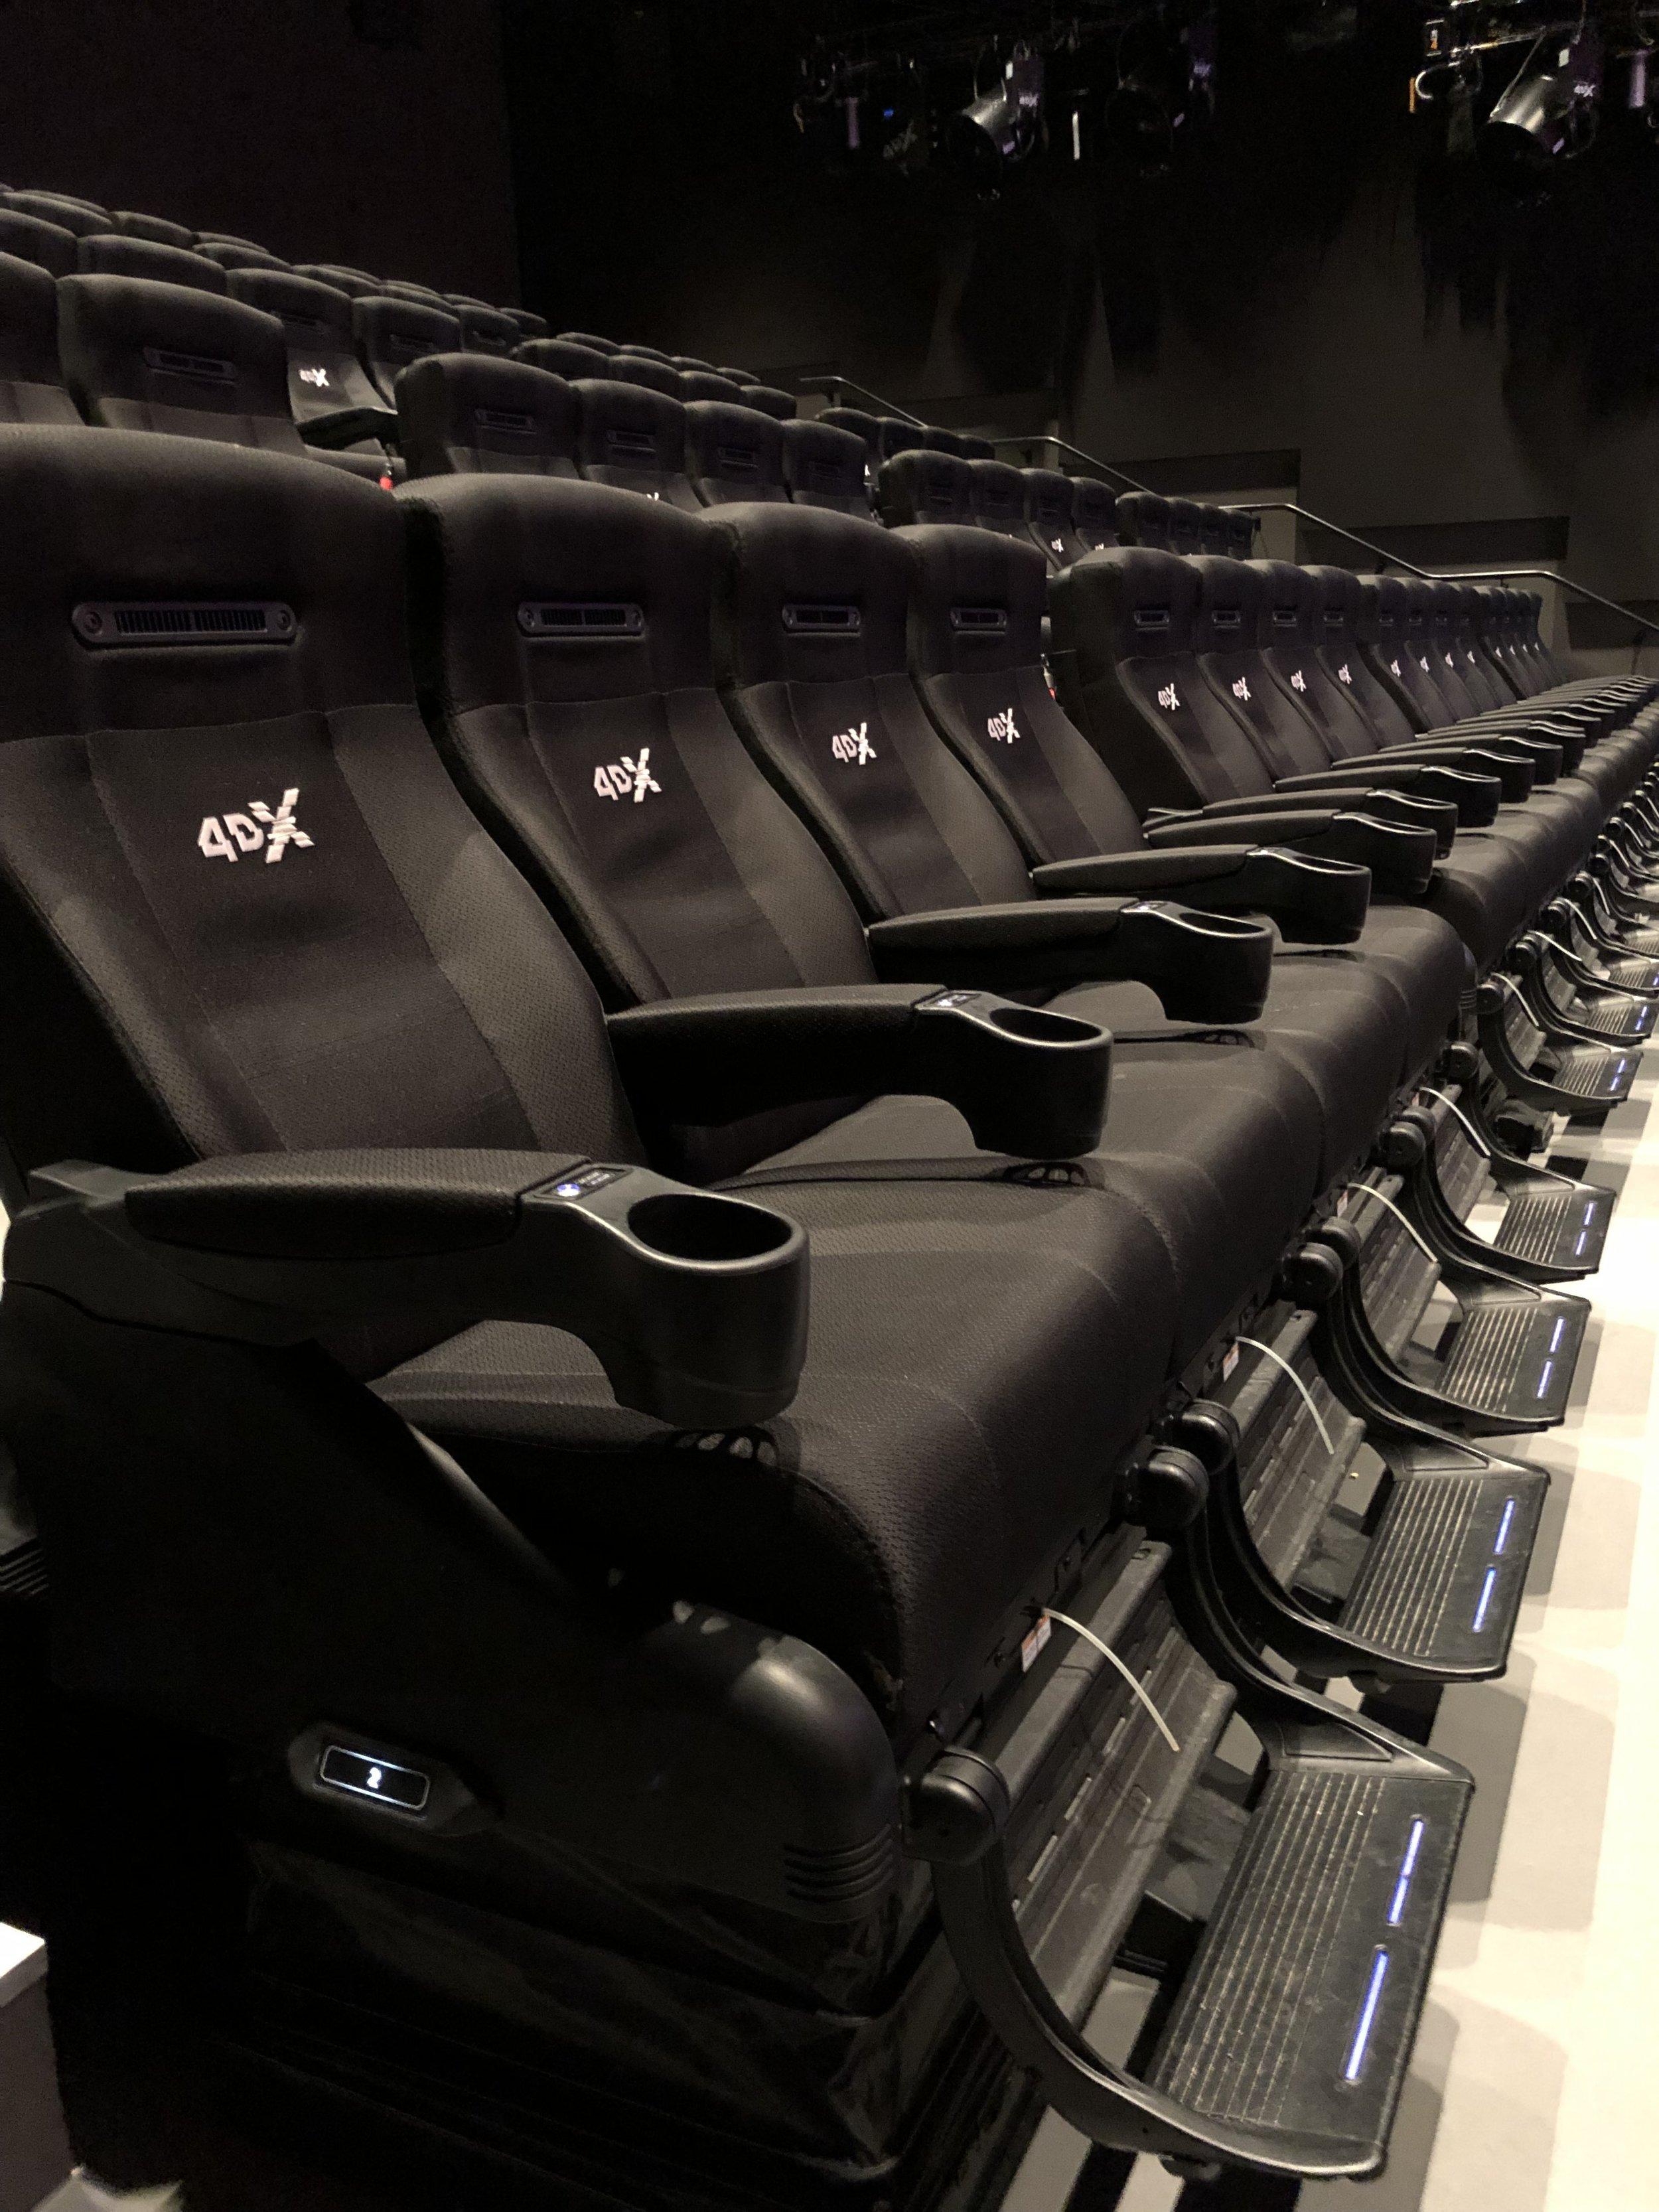 Stolarna i 4DX-salongen är fullpackade med upplevelser.